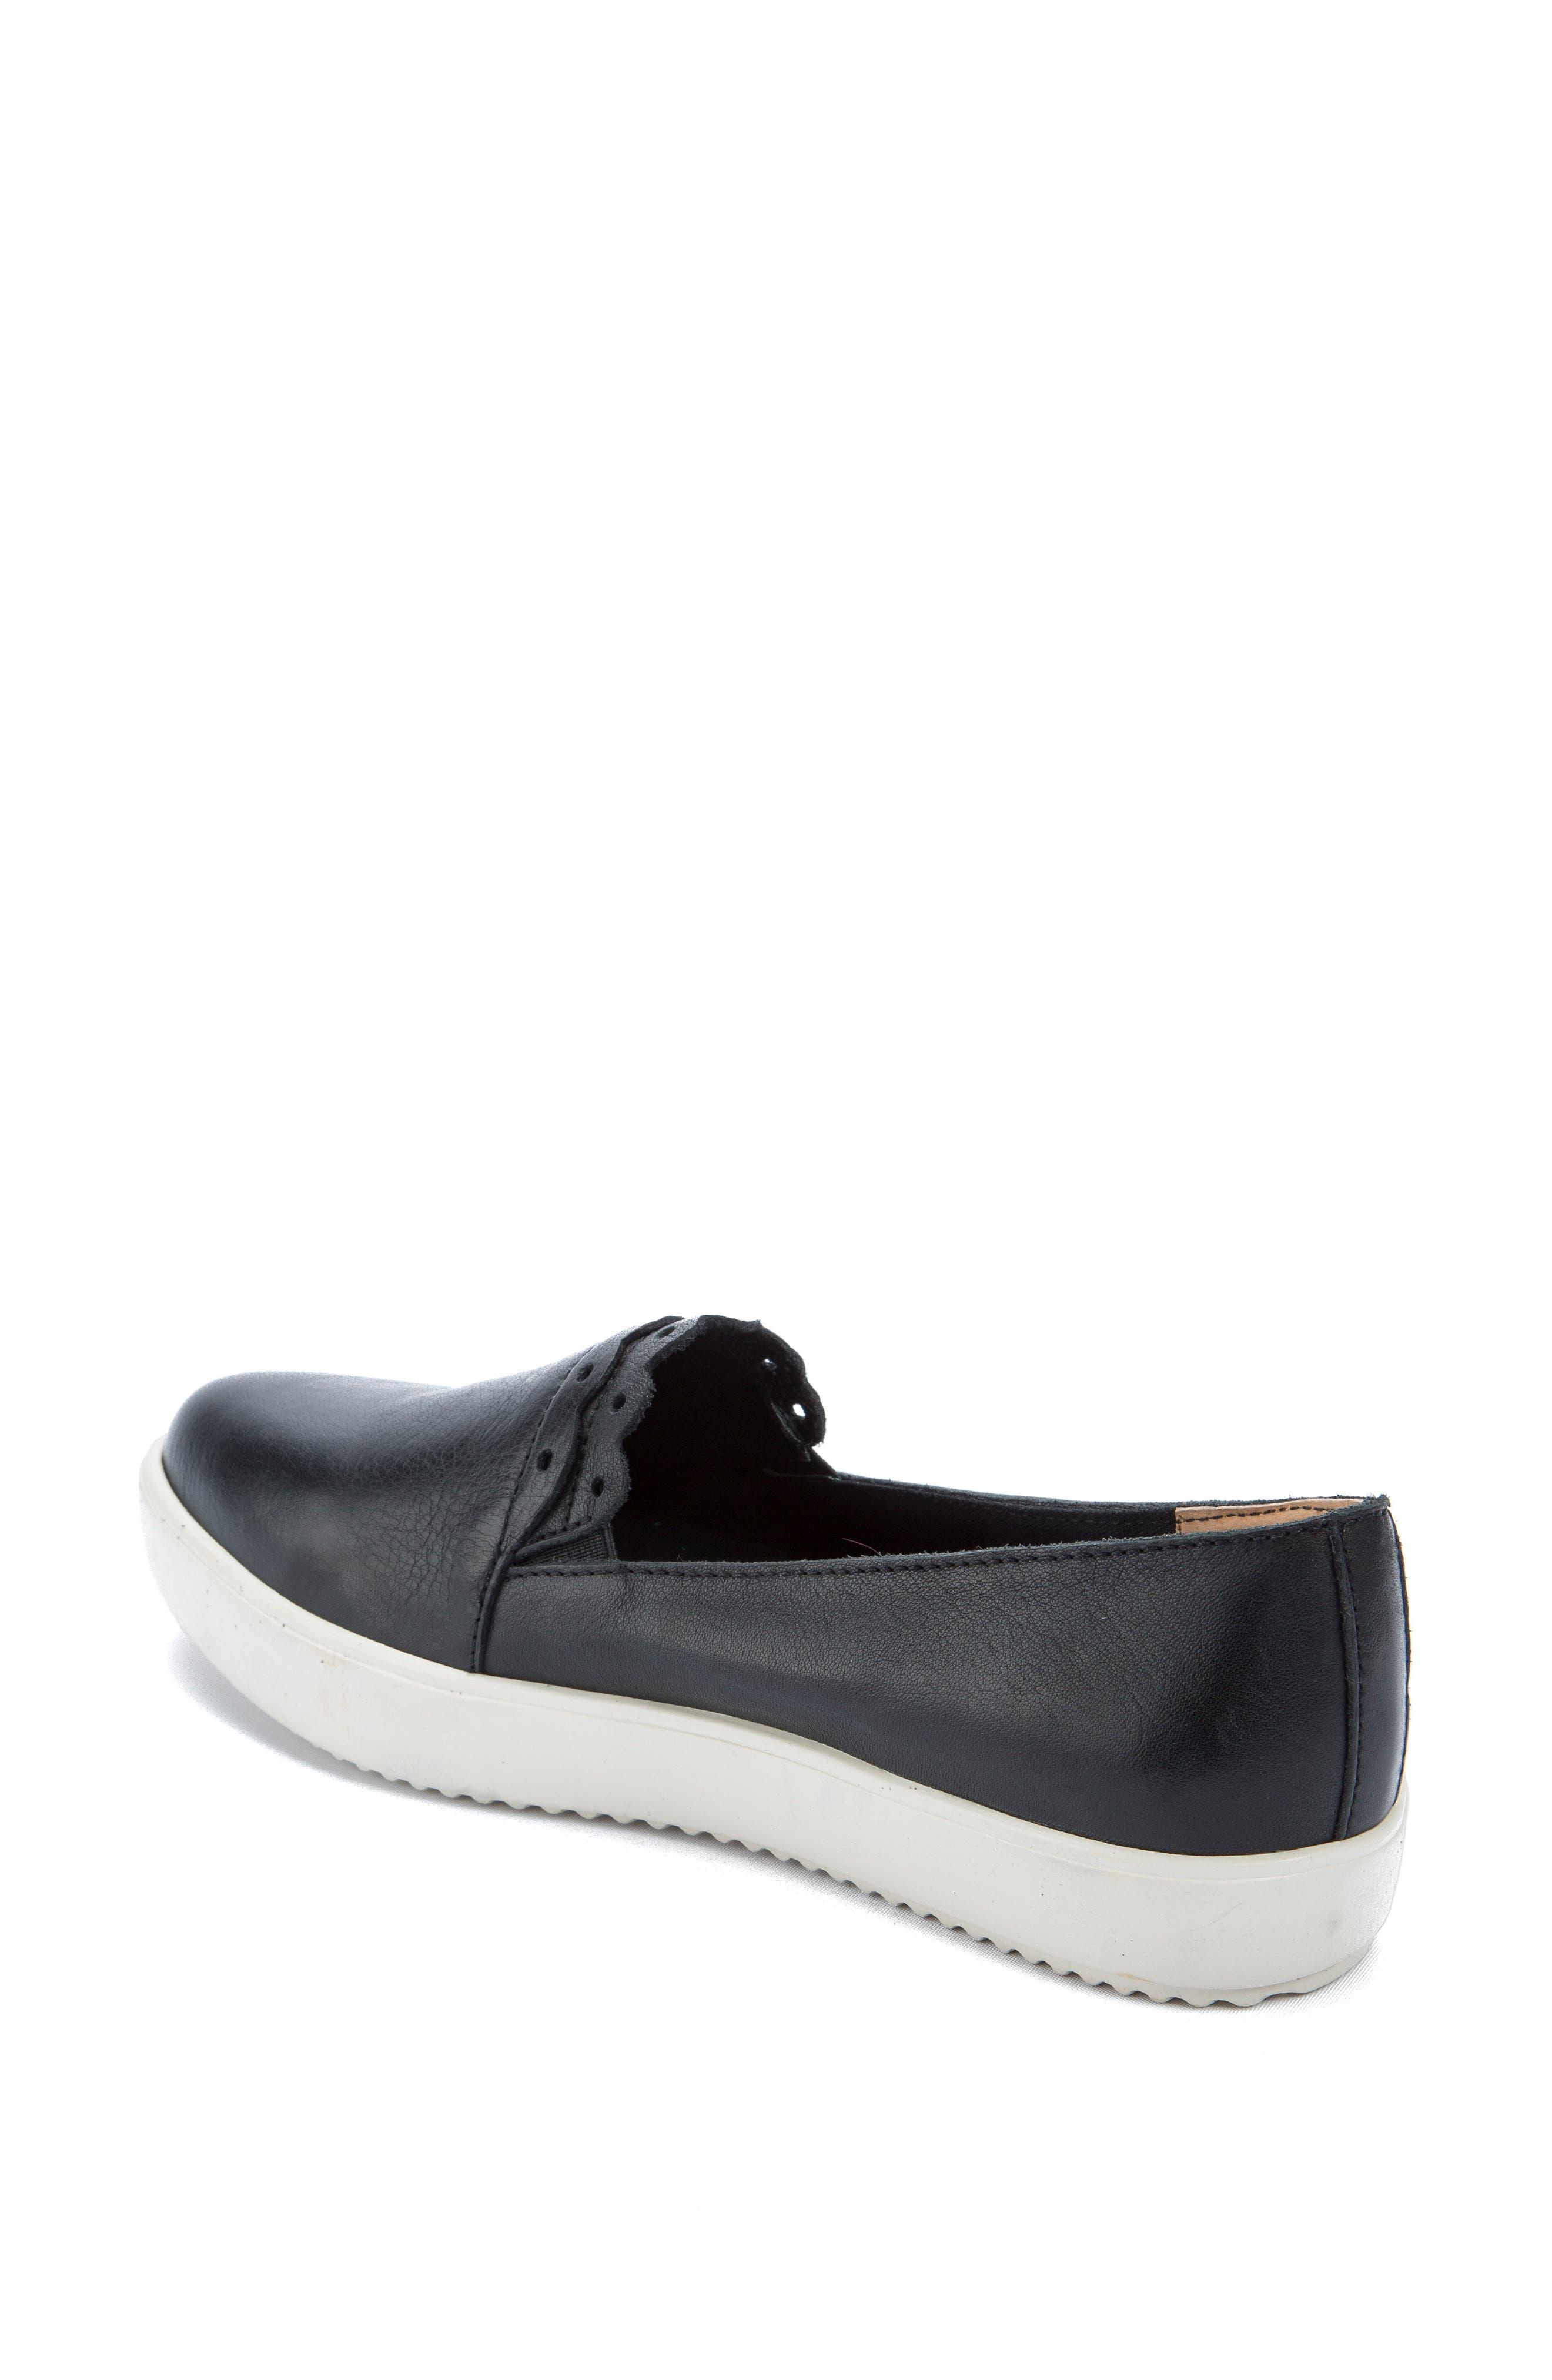 Roe Slip-On Sneaker,                             Alternate thumbnail 2, color,                             Black